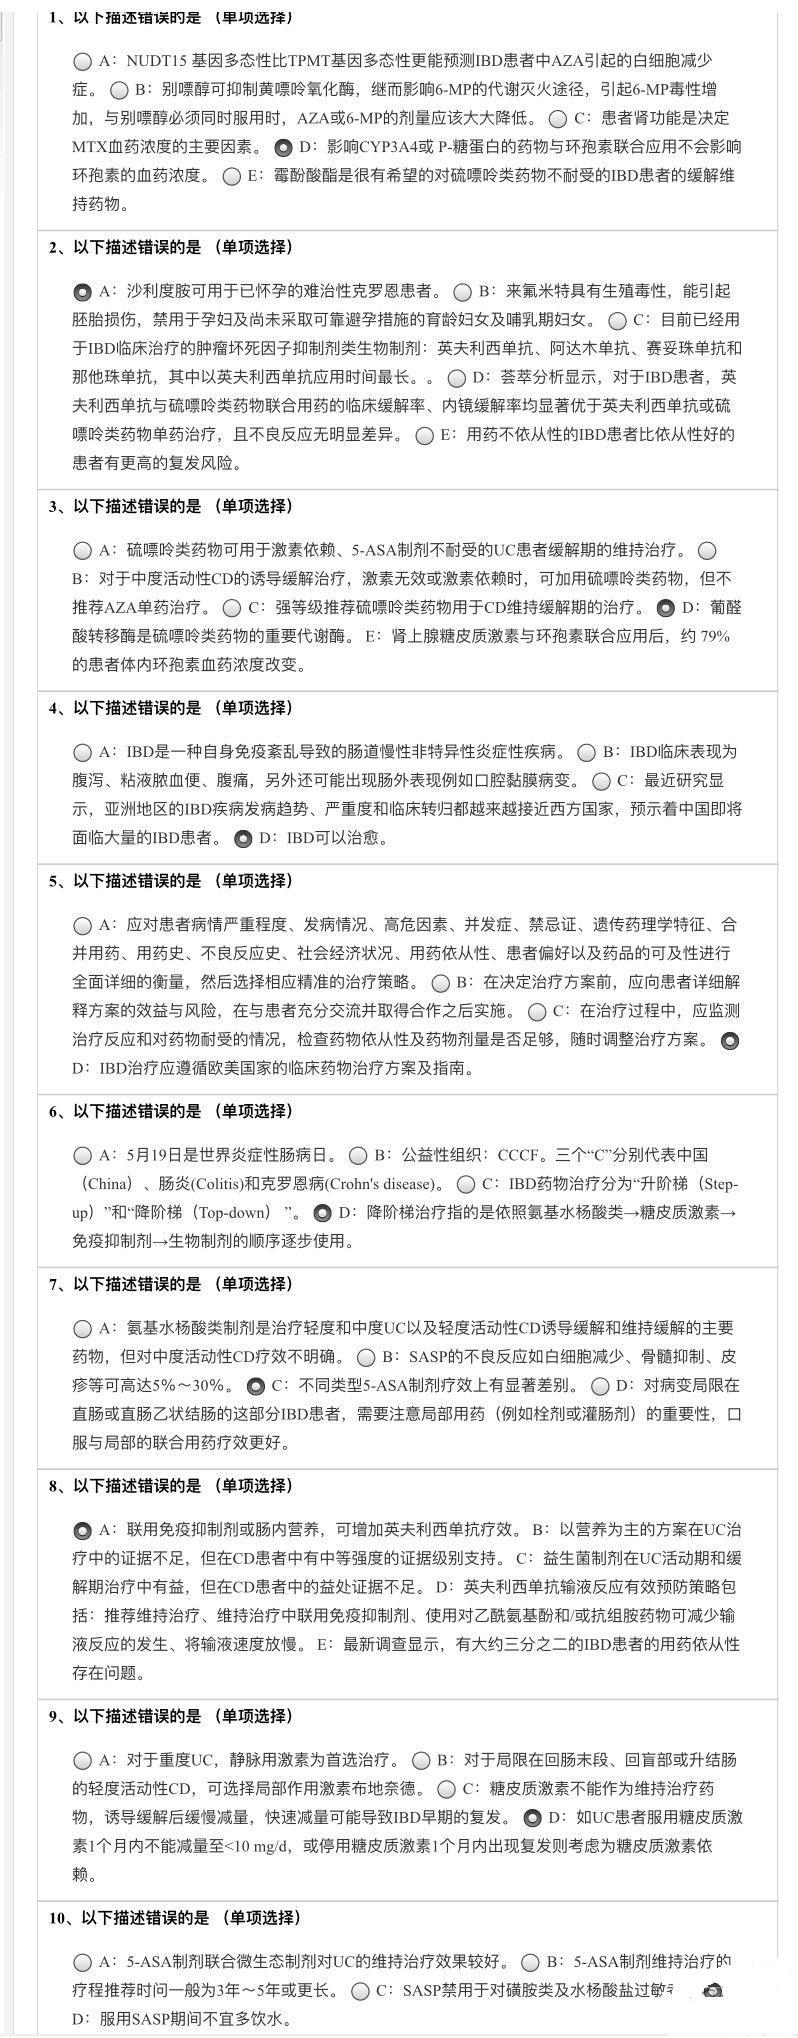 2019年浙江执业药师继续教育-炎症性肠病(IBD)规范化药物治疗进展.jpg